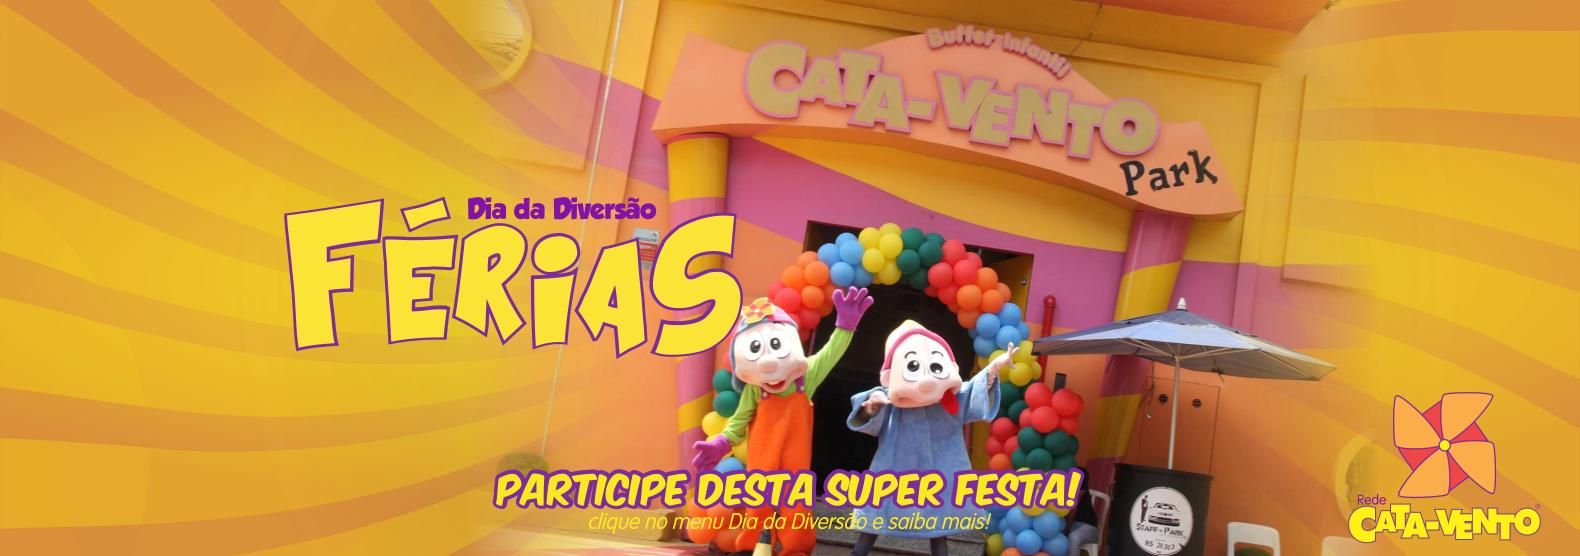 Banner_Site_-_Férias